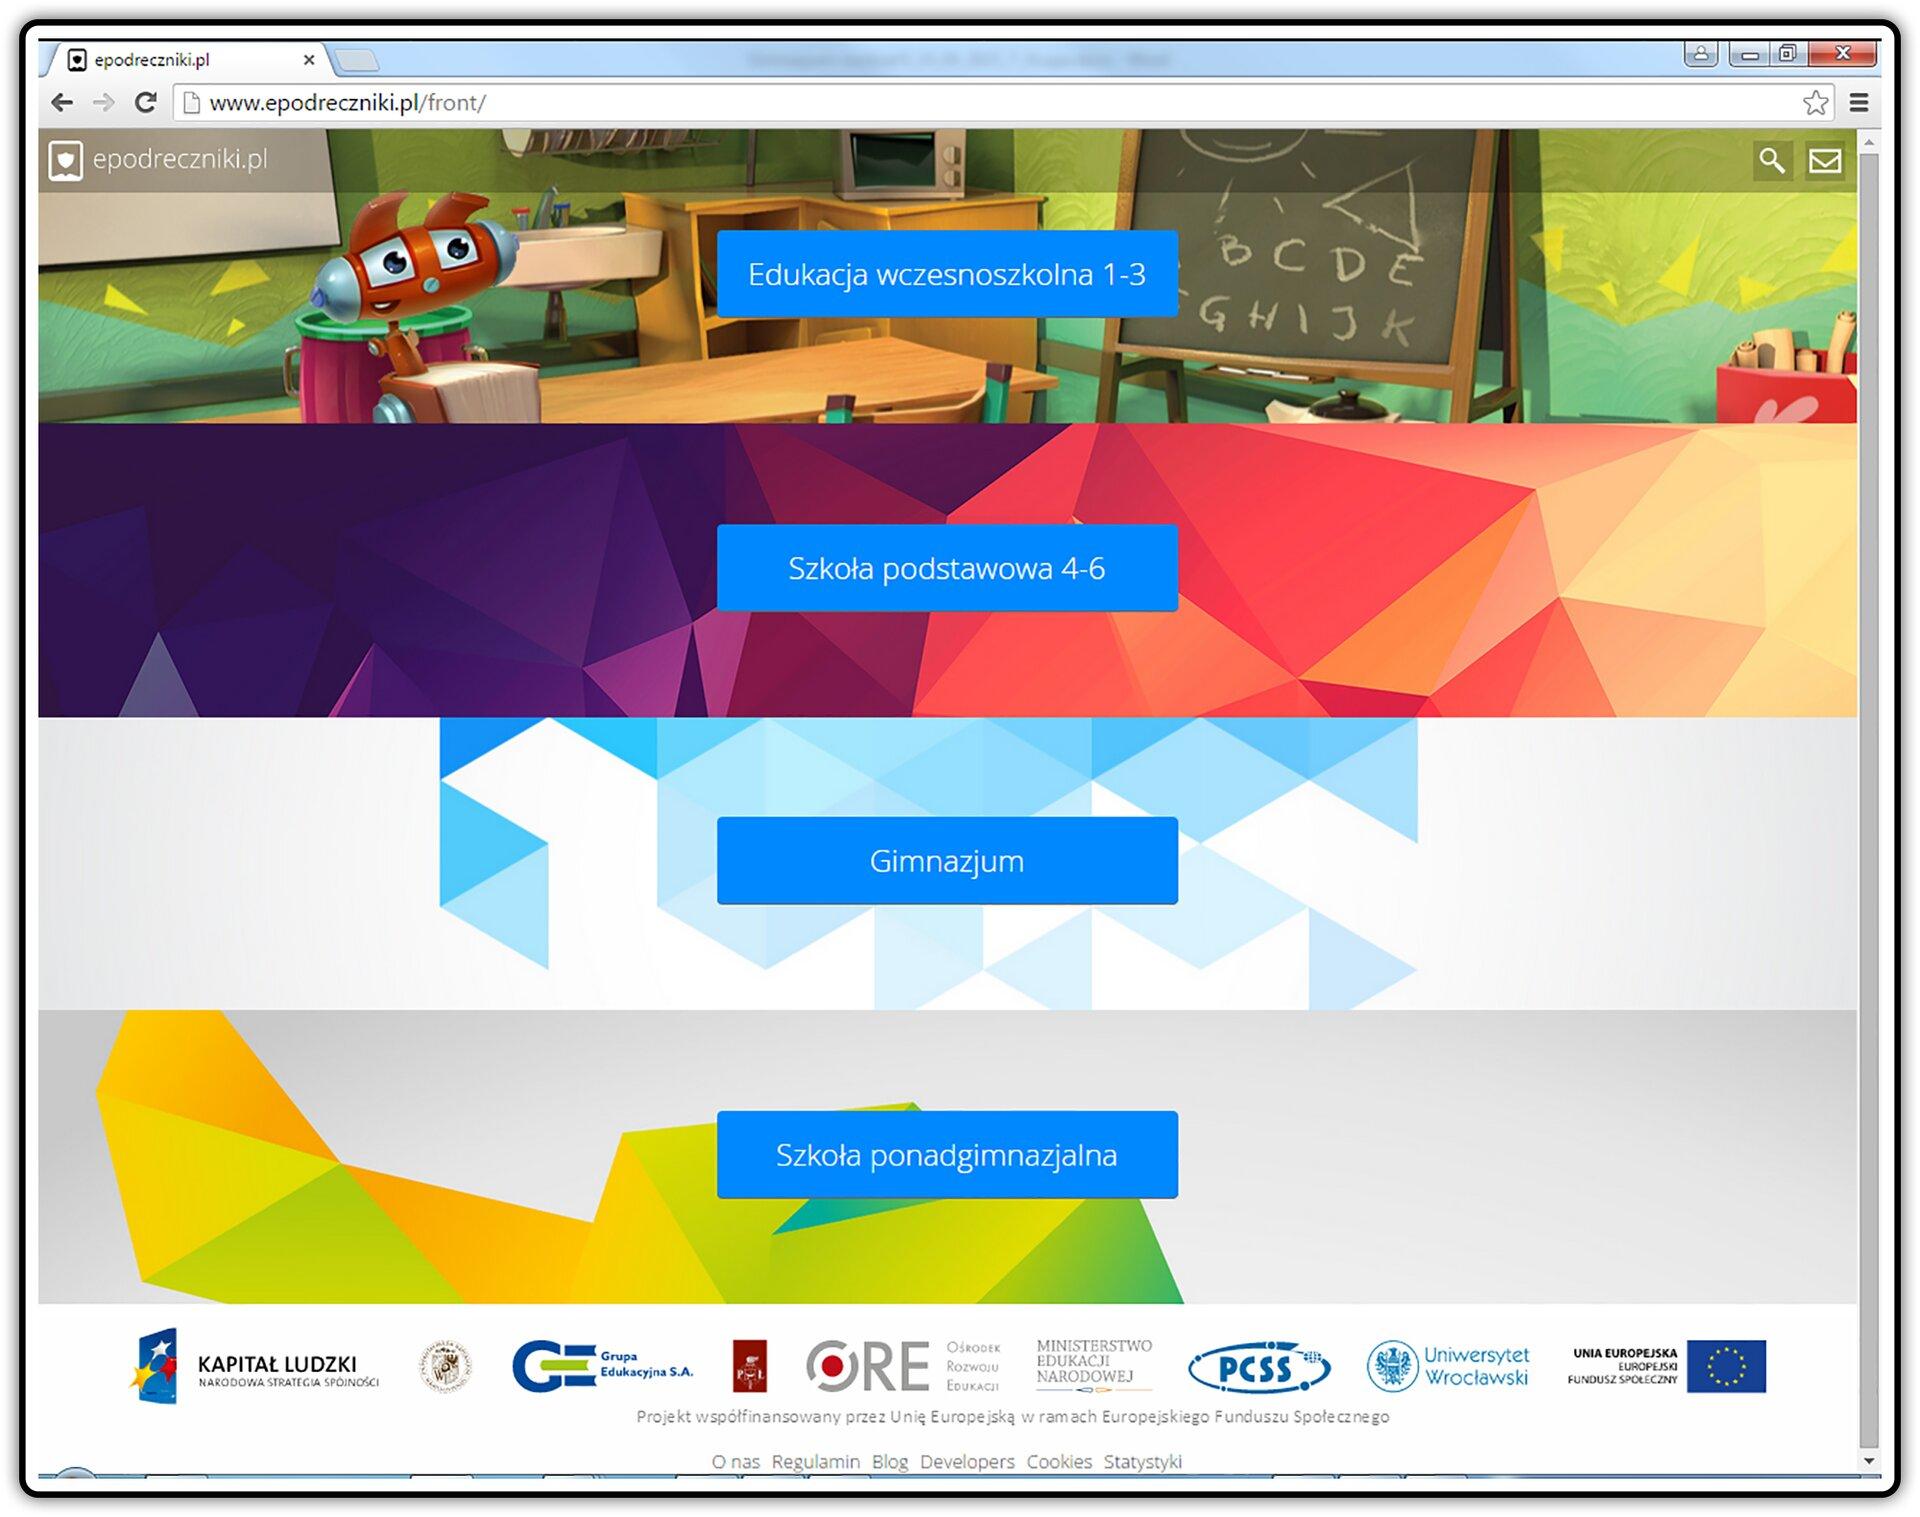 Zrzut strony internetowej: epodreczniki.pl